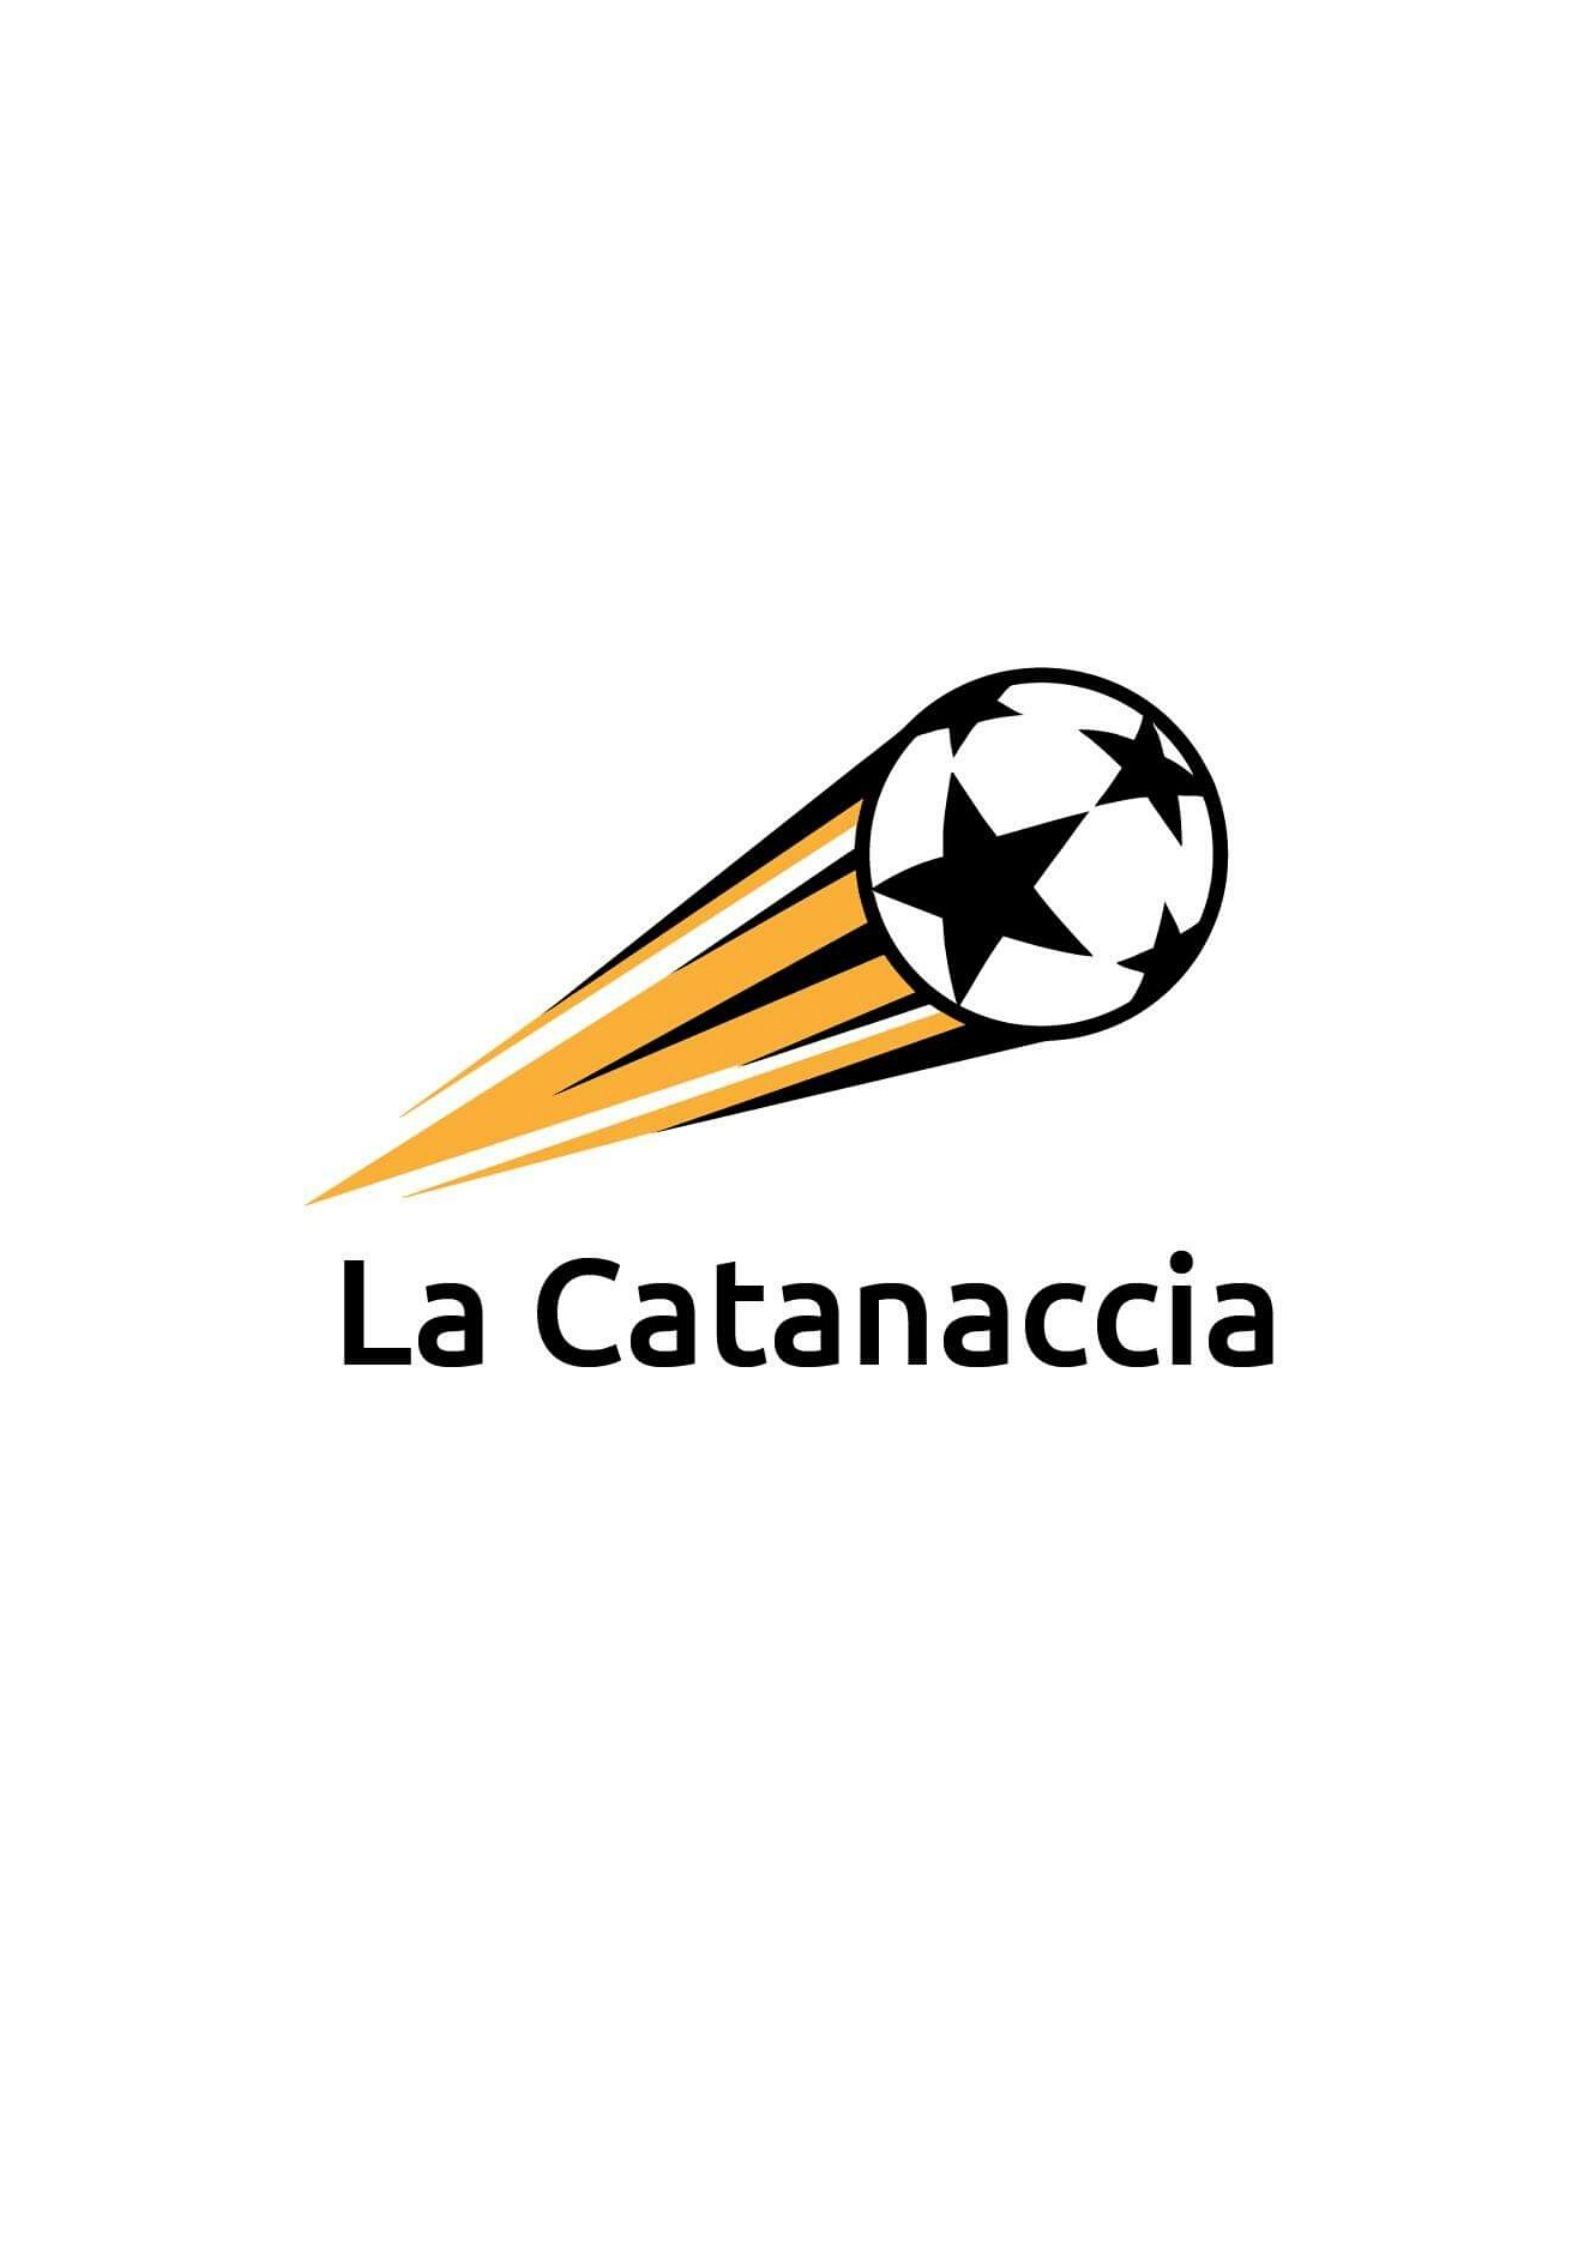 La Catanaccia Football Academy